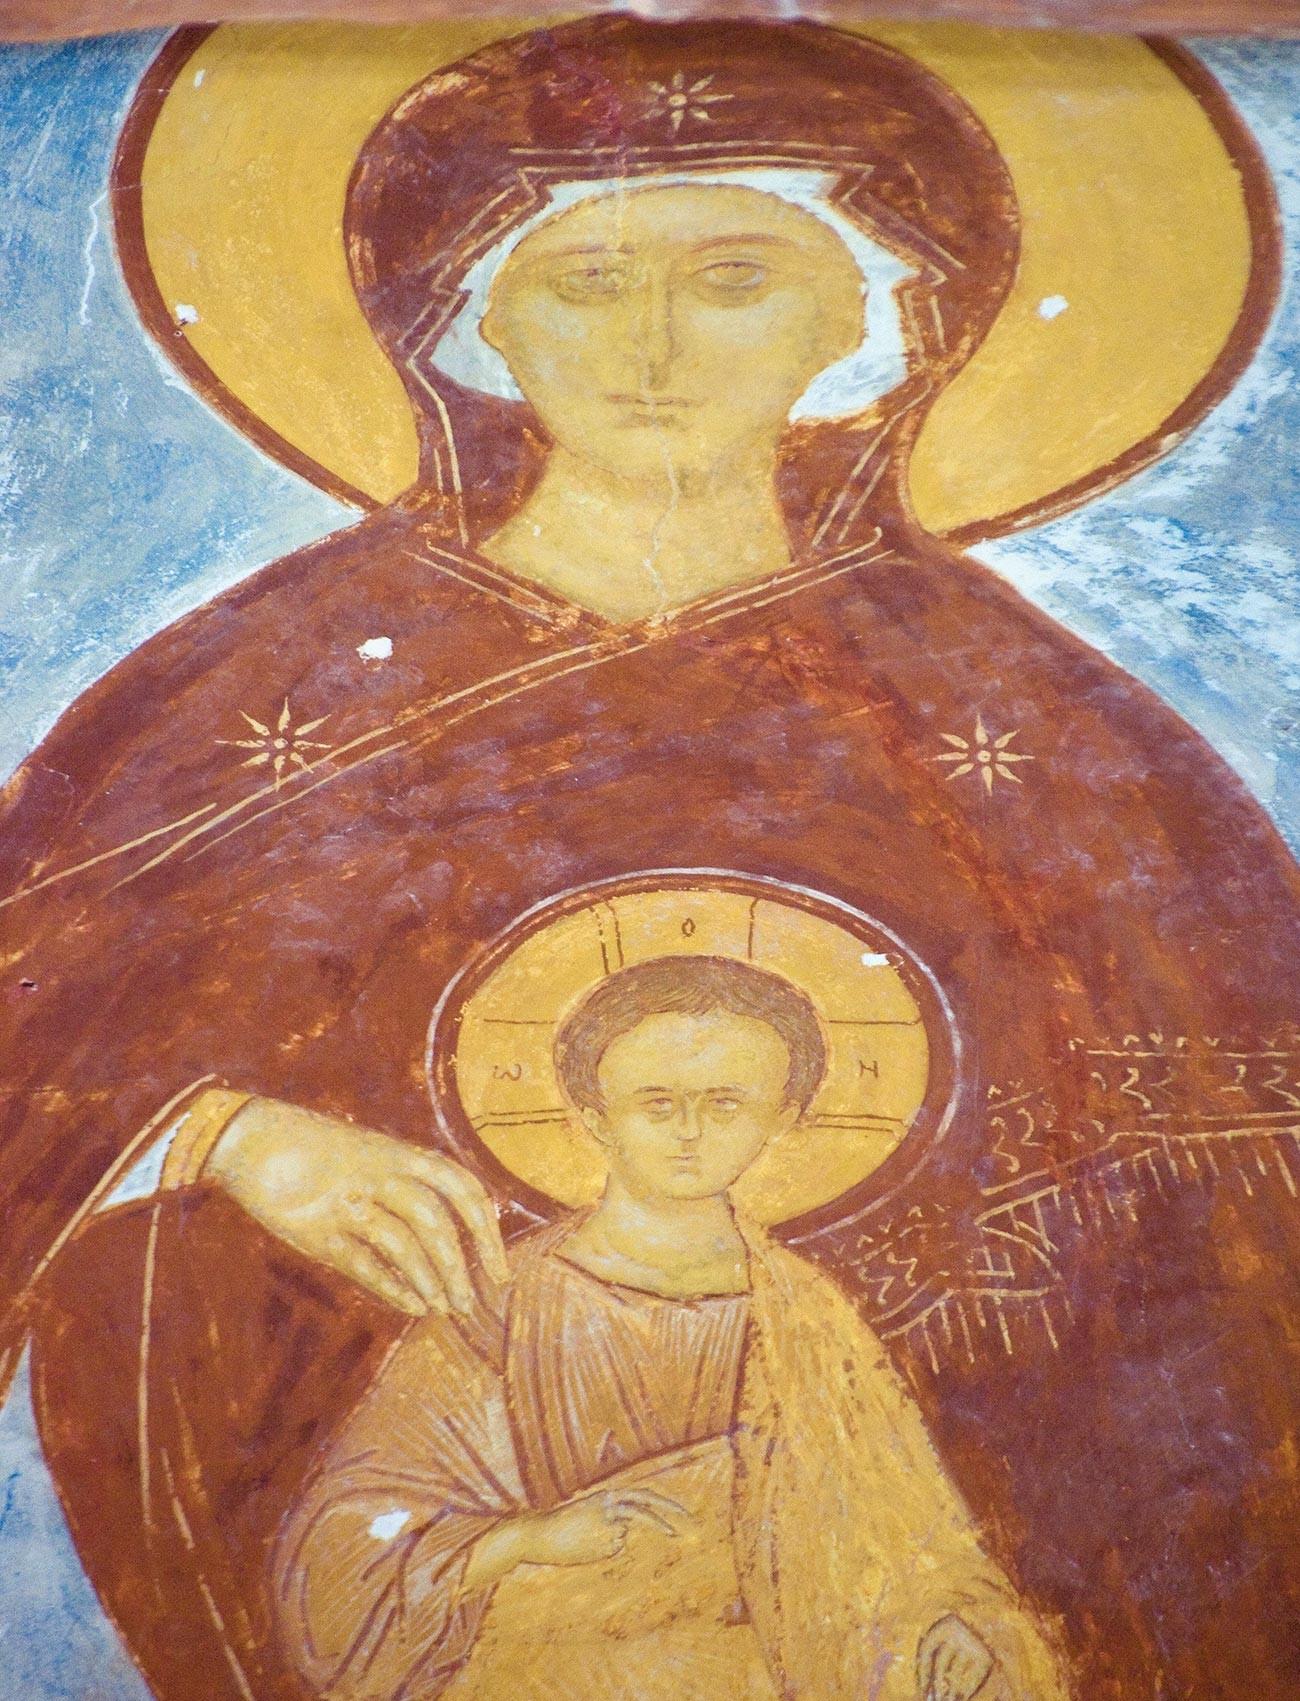 Cathédrale de la Nativité. Abside centrale. Fresque de Marie intronisée avec l'Enfant Jésus. Au premier plan : tirant en fer stabilisant les murs